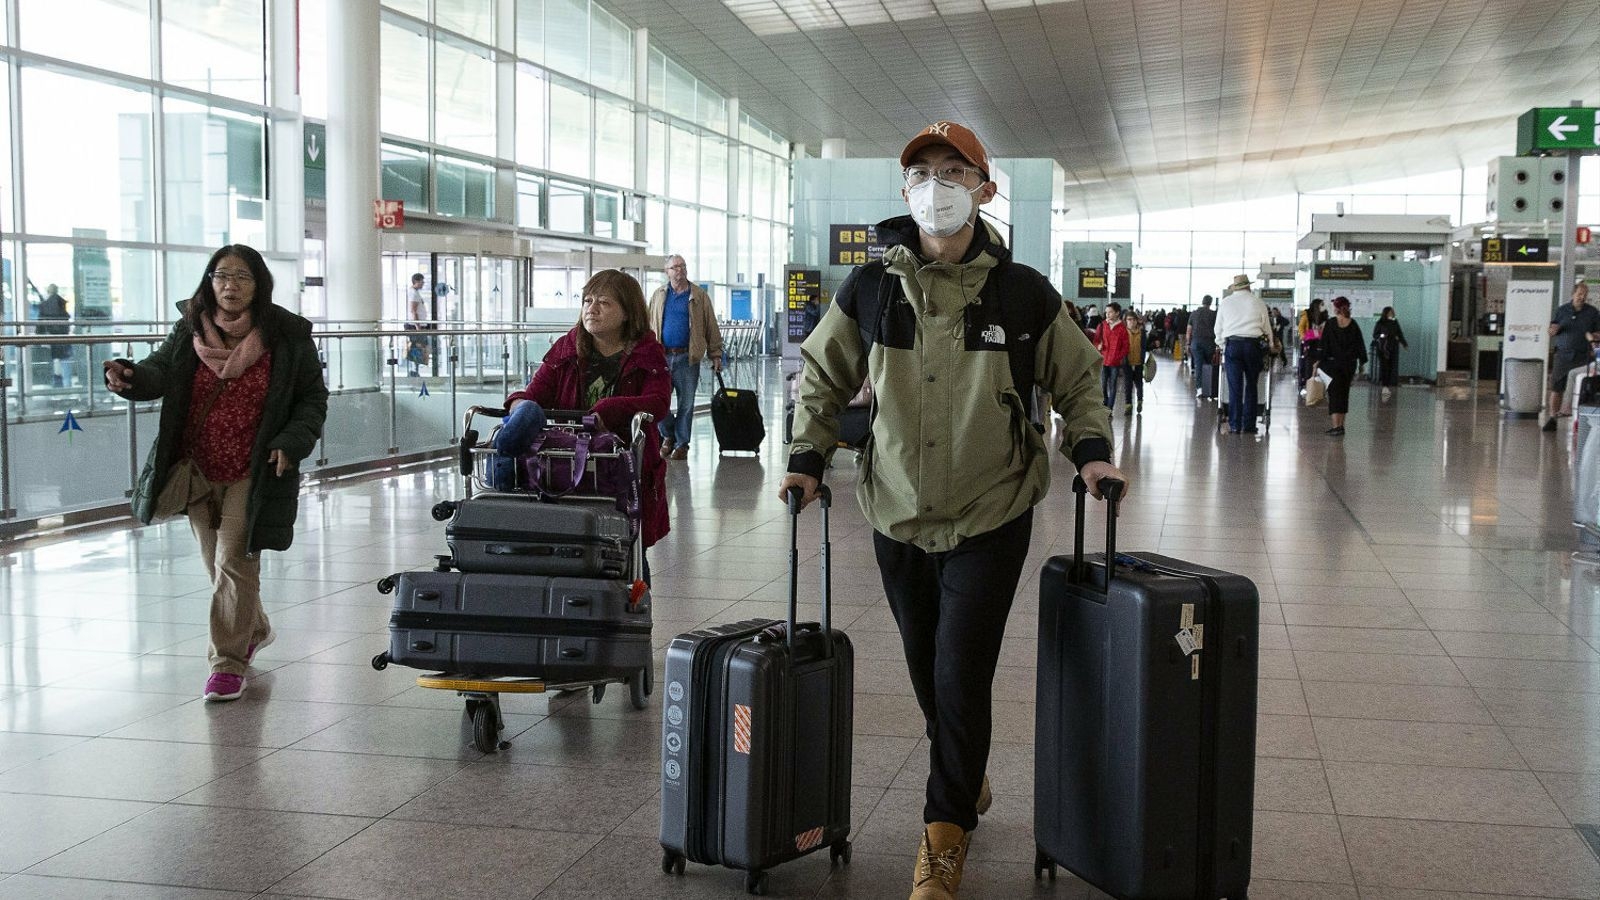 Els vols cancel·lats per la crisi del covid-19 amenacen amb tornar a saturar els jutjats